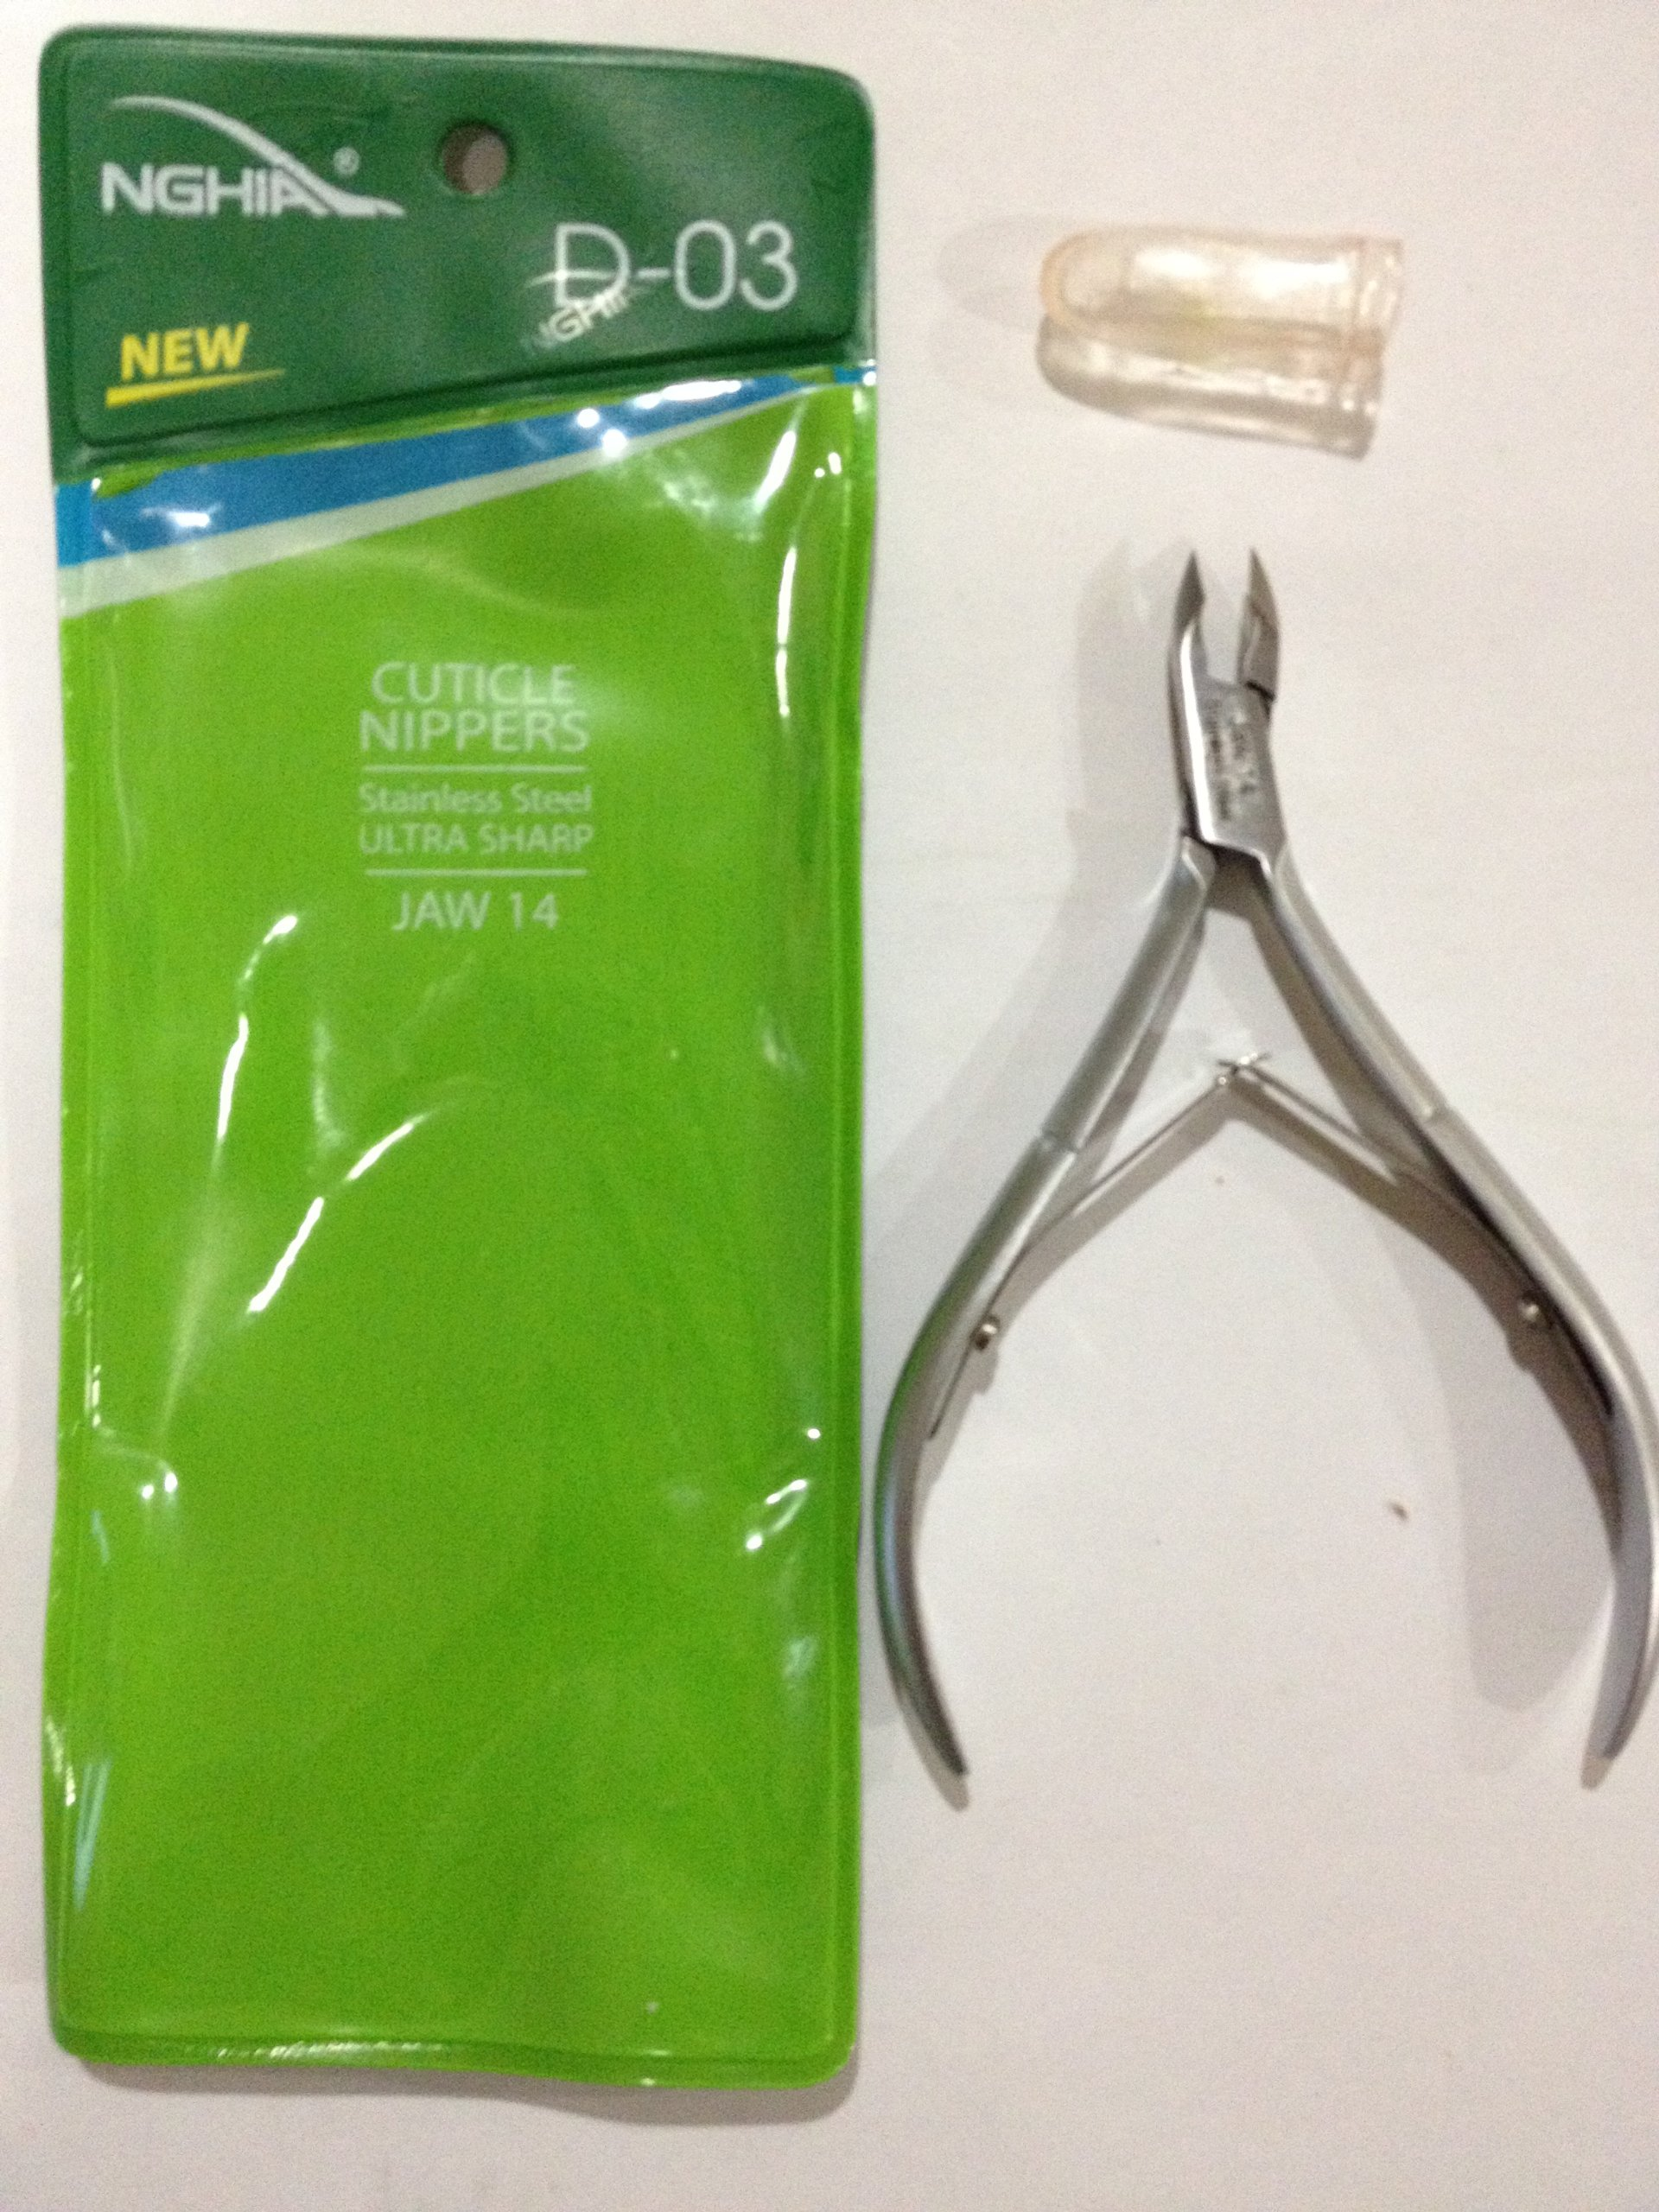 Nghia cuticle nippers D-03 jaw 14